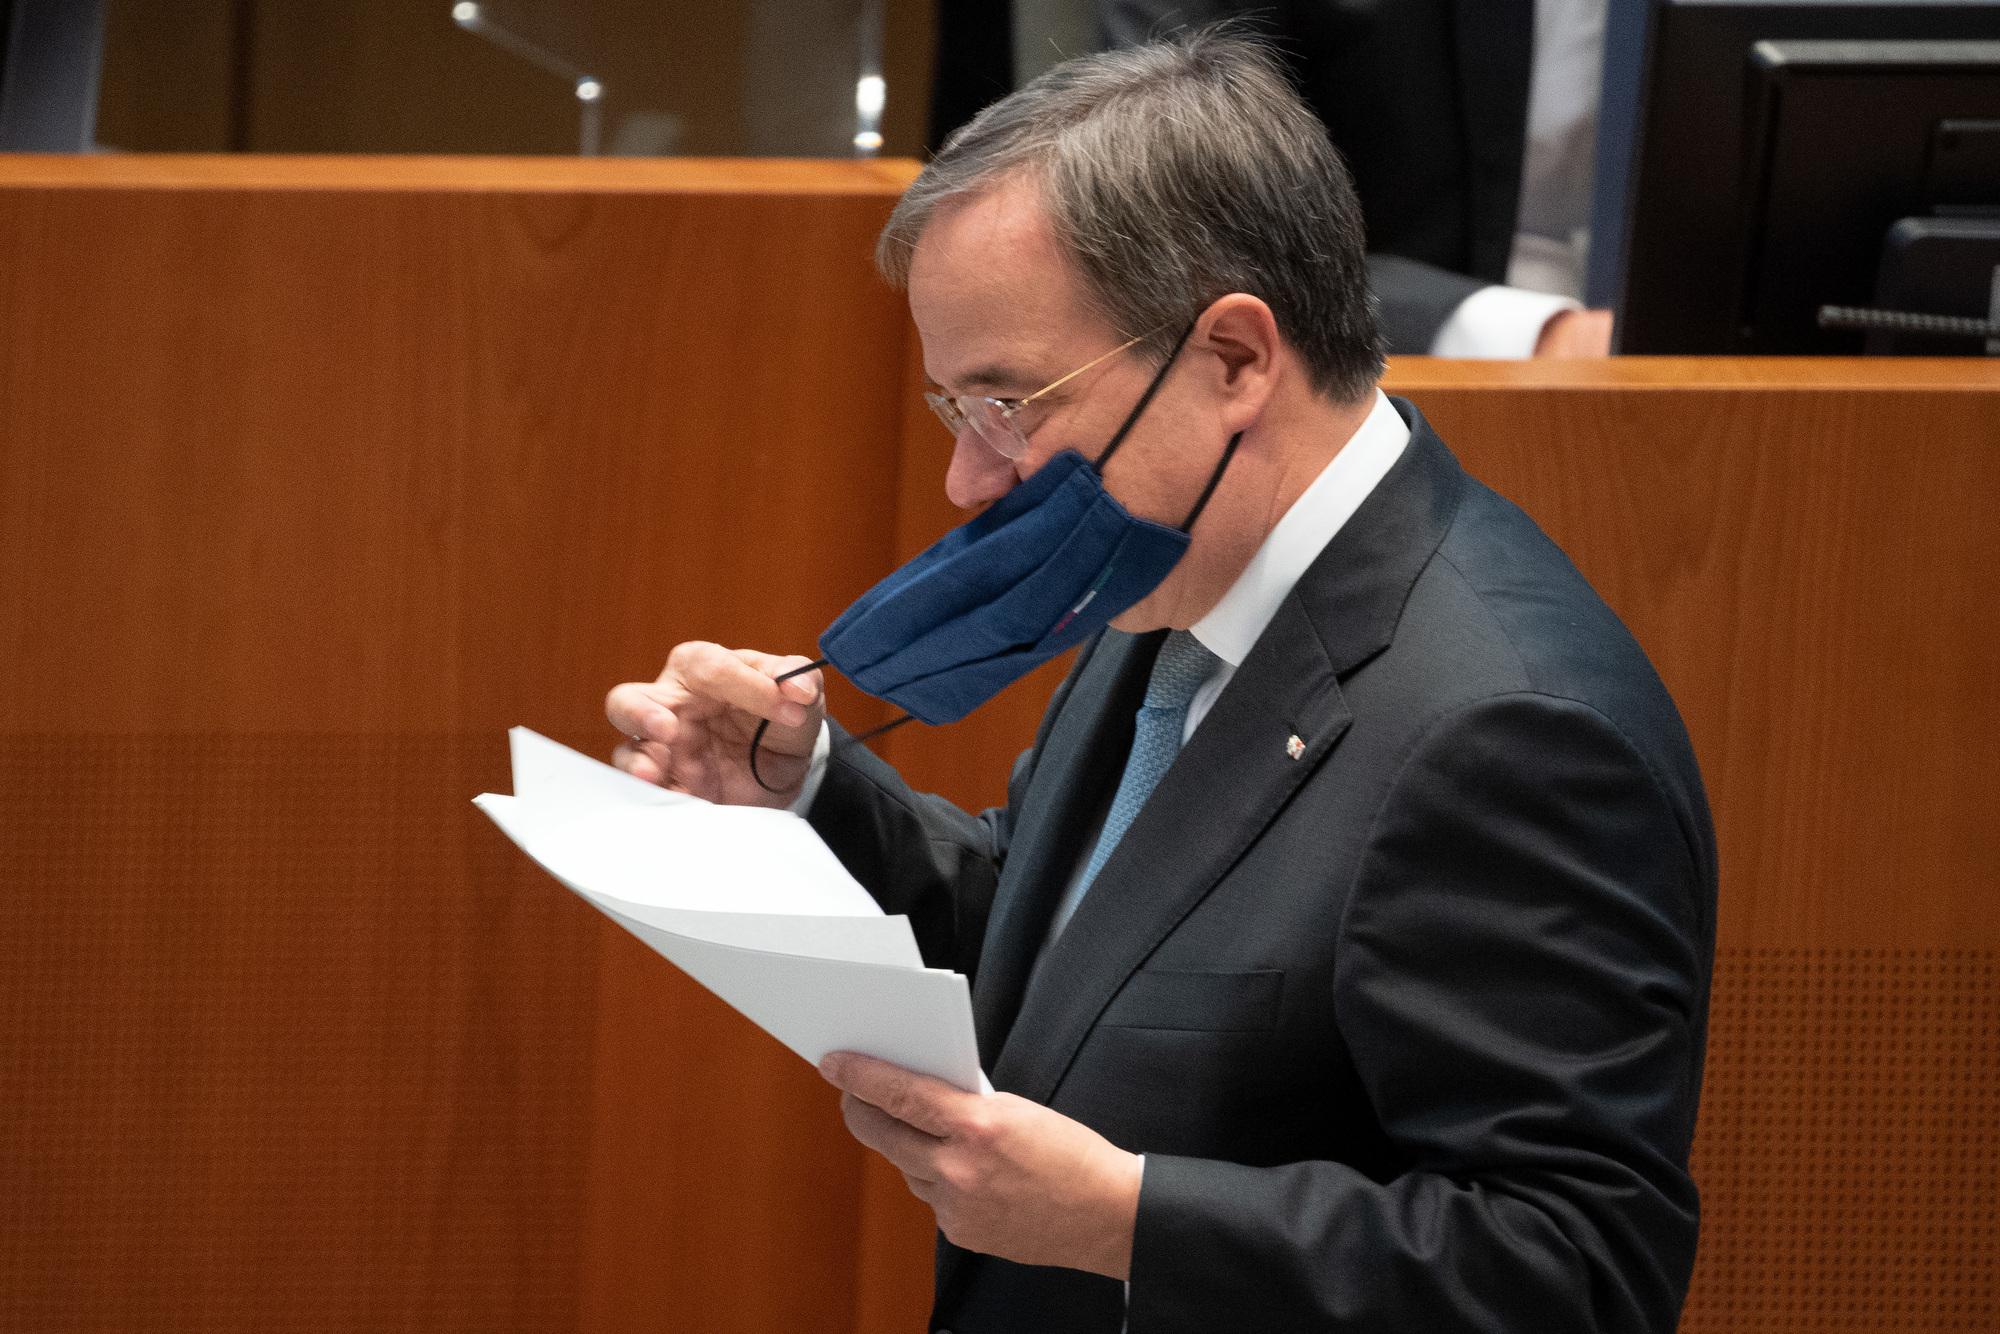 Diskussion Sass Ministerprasident Laschet Ohne Maske Im Flugzeug Politik Allgauer Zeitung